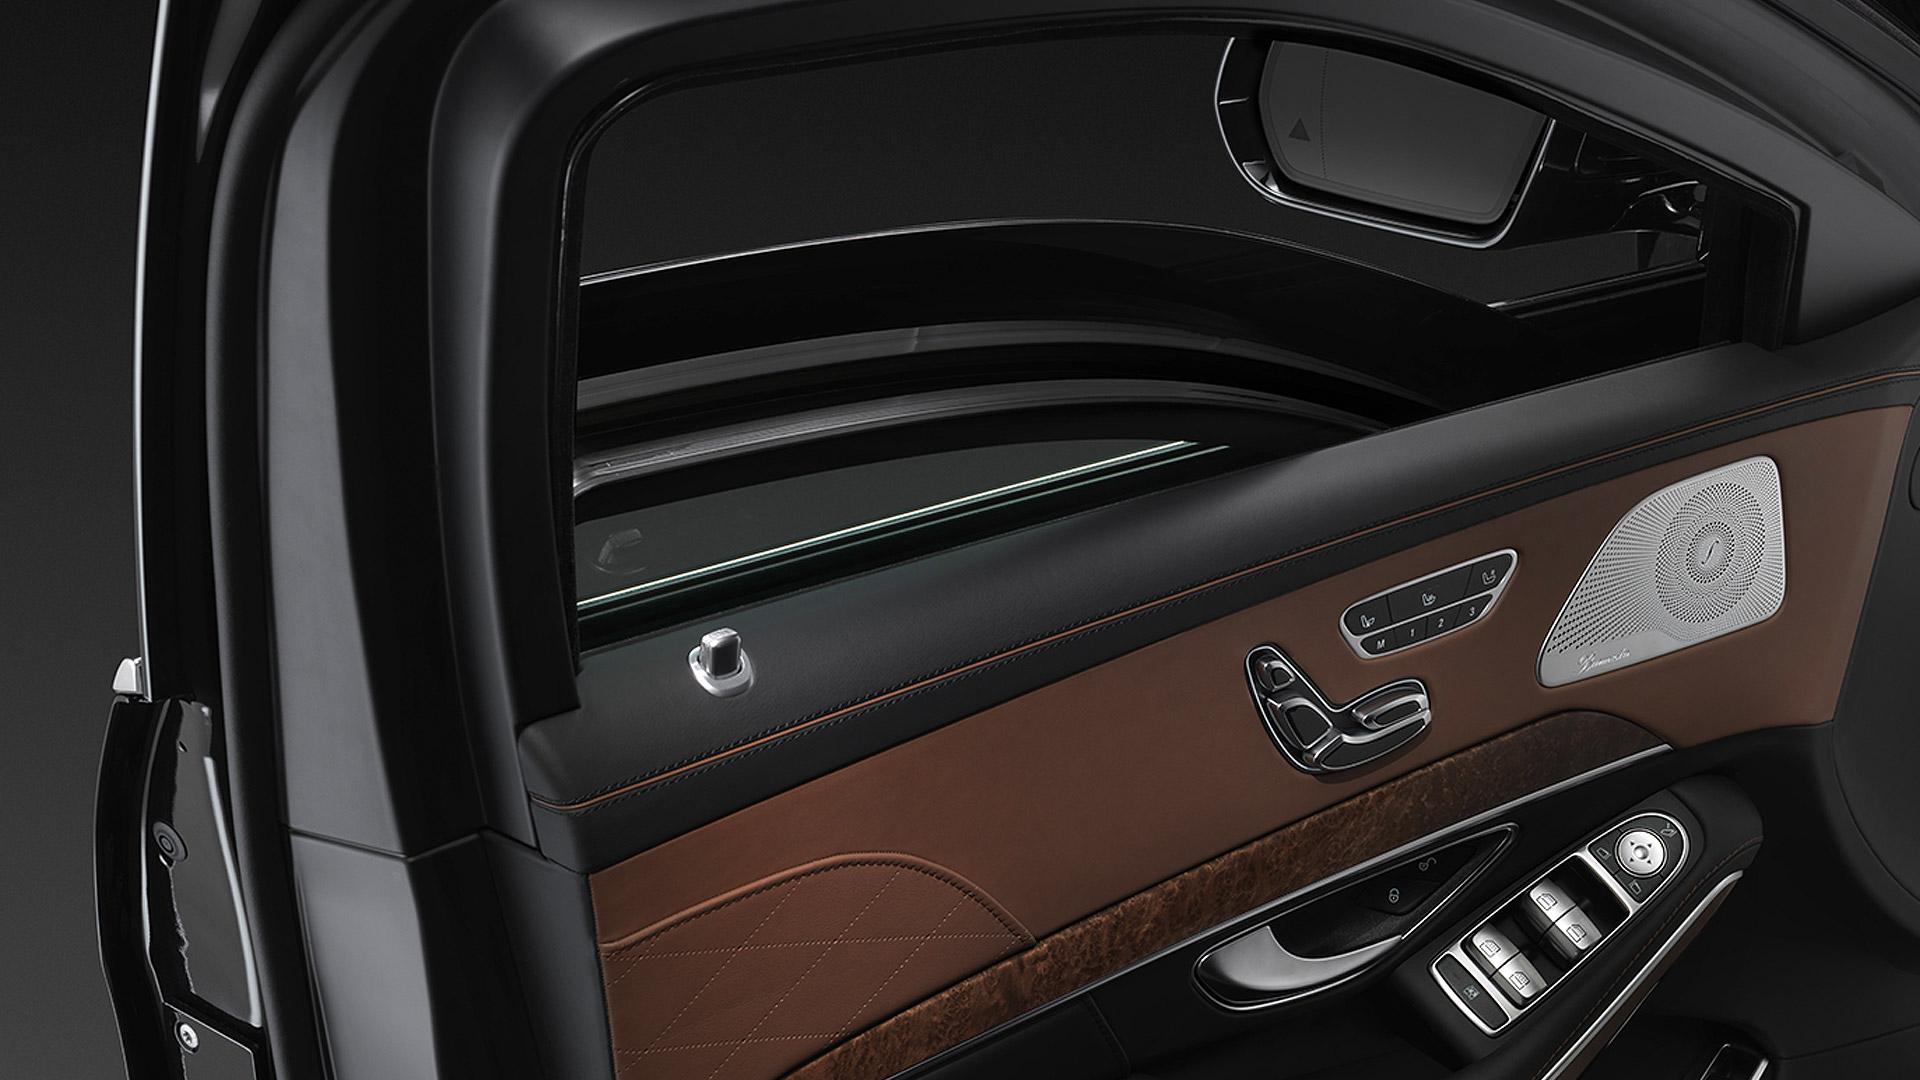 Mercedes Benz S600 guard 2015 STD Interior